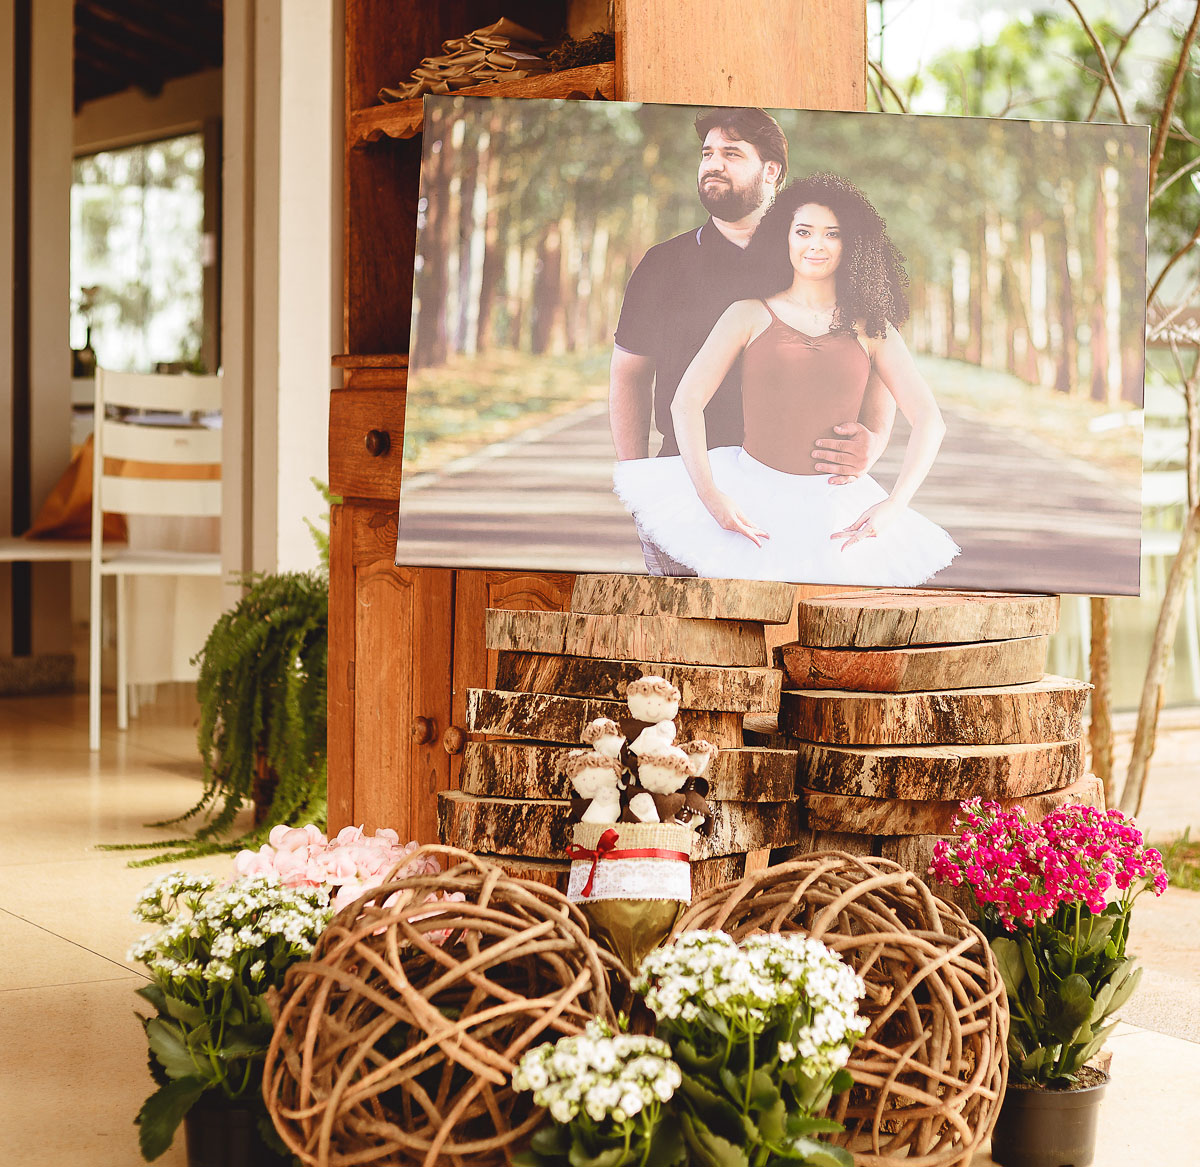 como-usar-fotos-ensaio-pre-wedding-no-casamento